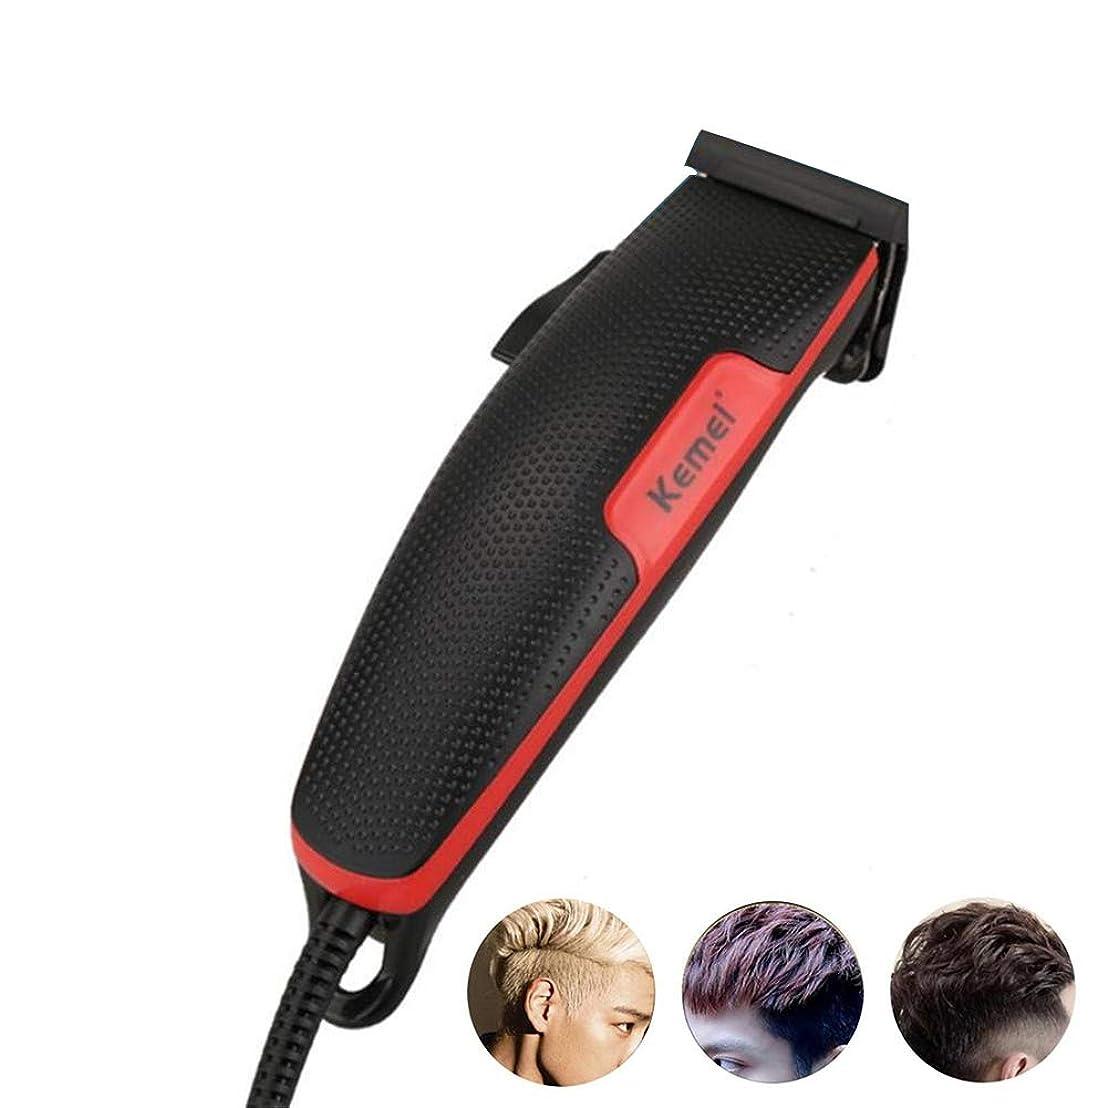 電池消毒剤食料品店バリカン、あごひげ剃り機あごひげトリマー電動理髪ツール理髪機